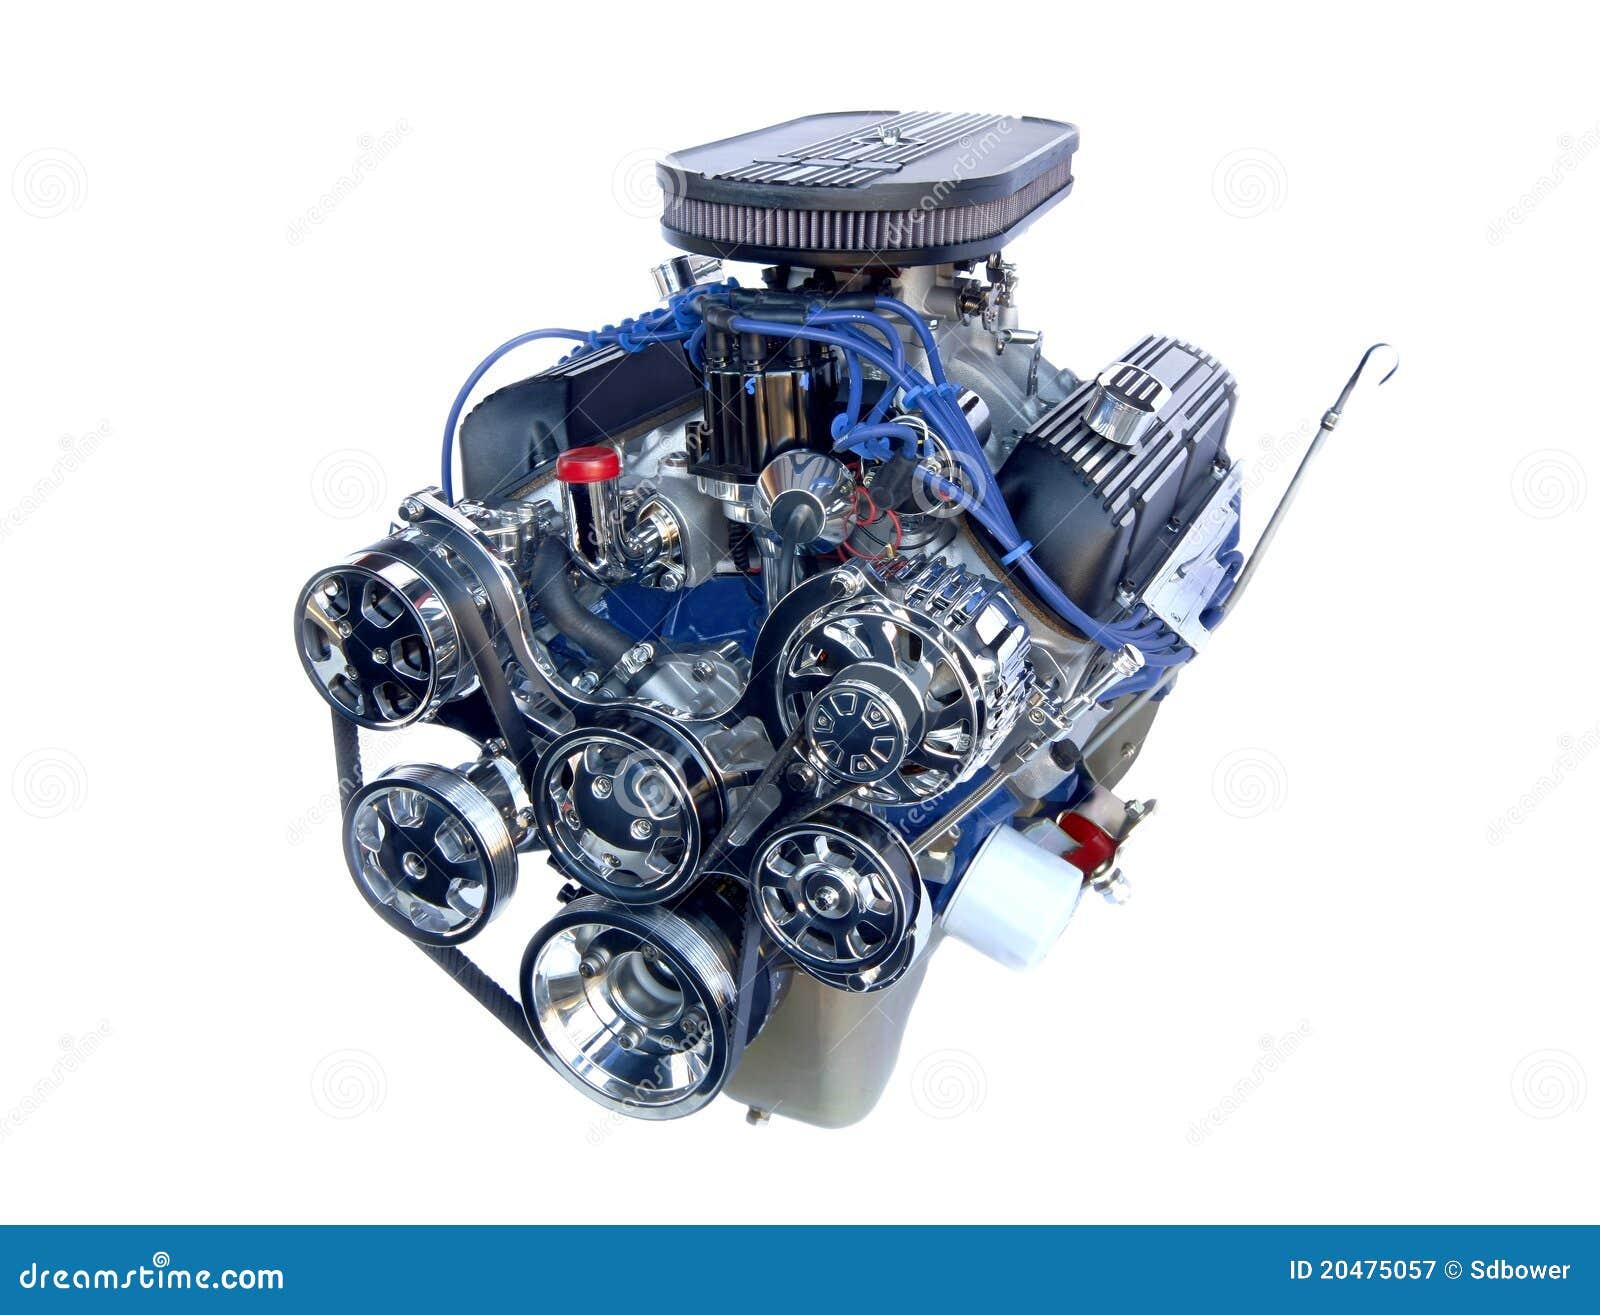 A high performance chrome V8 engine